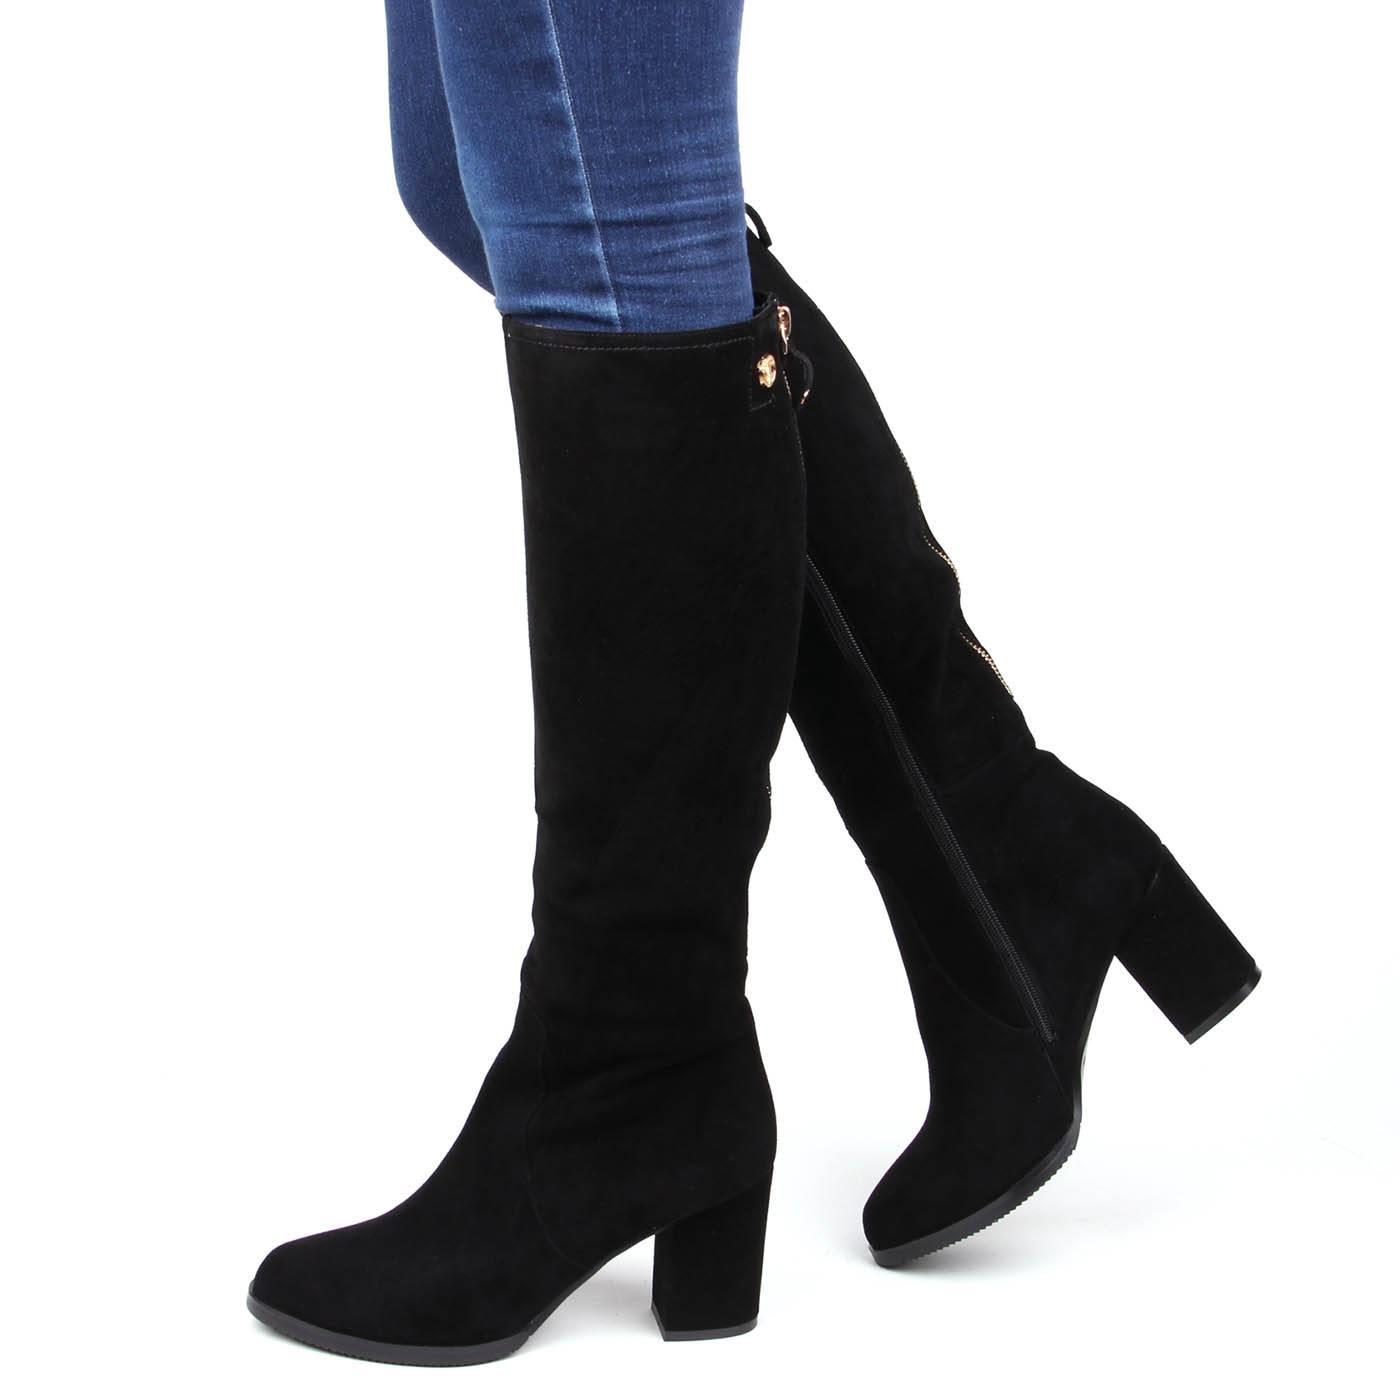 Чоботи жіночі ditto 5870 Чорний купить по выгодной цене в интернет ... a2da889179e2f